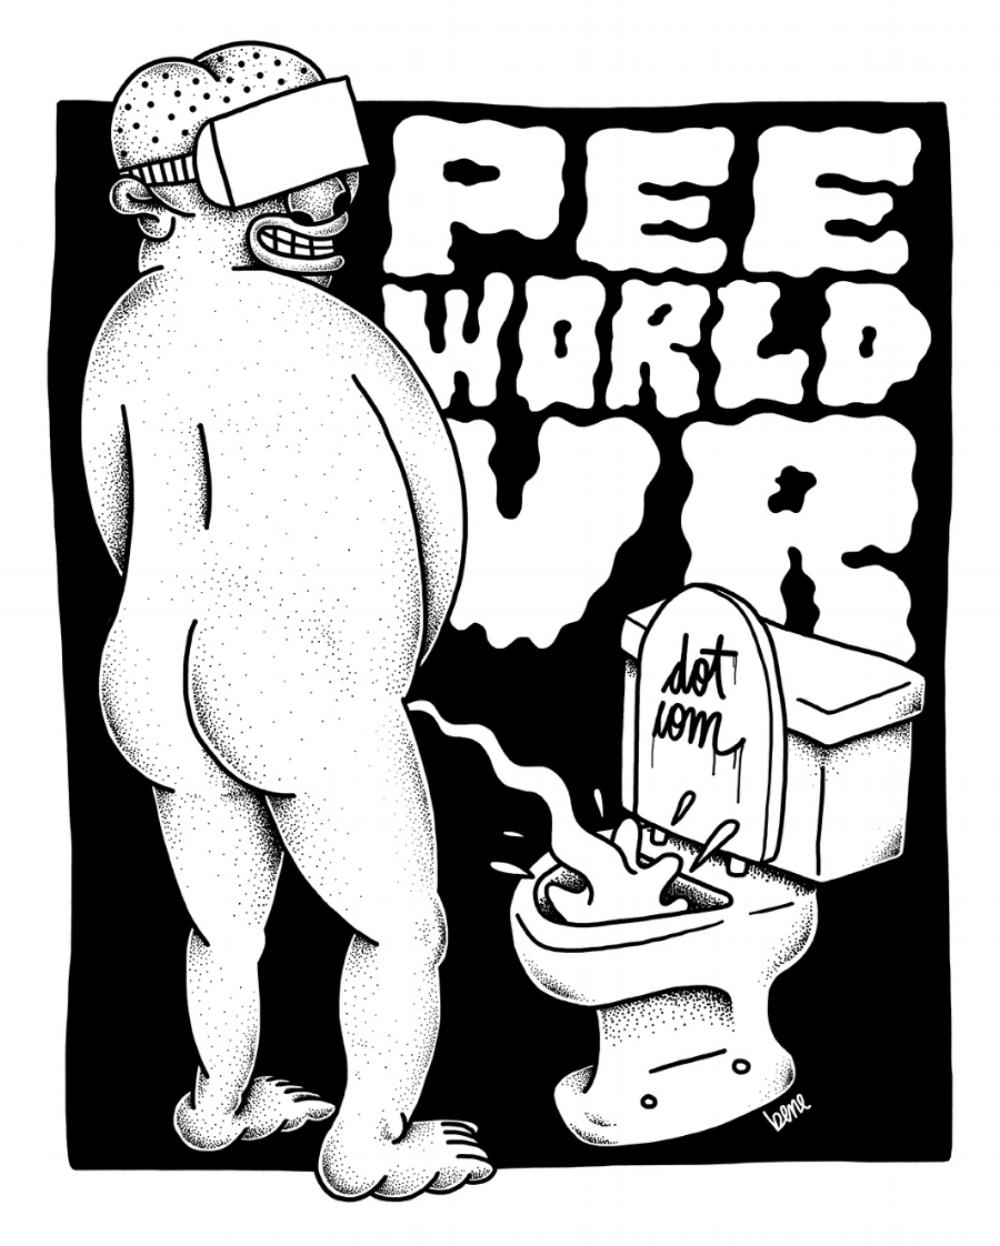 peeVR-low.jpg